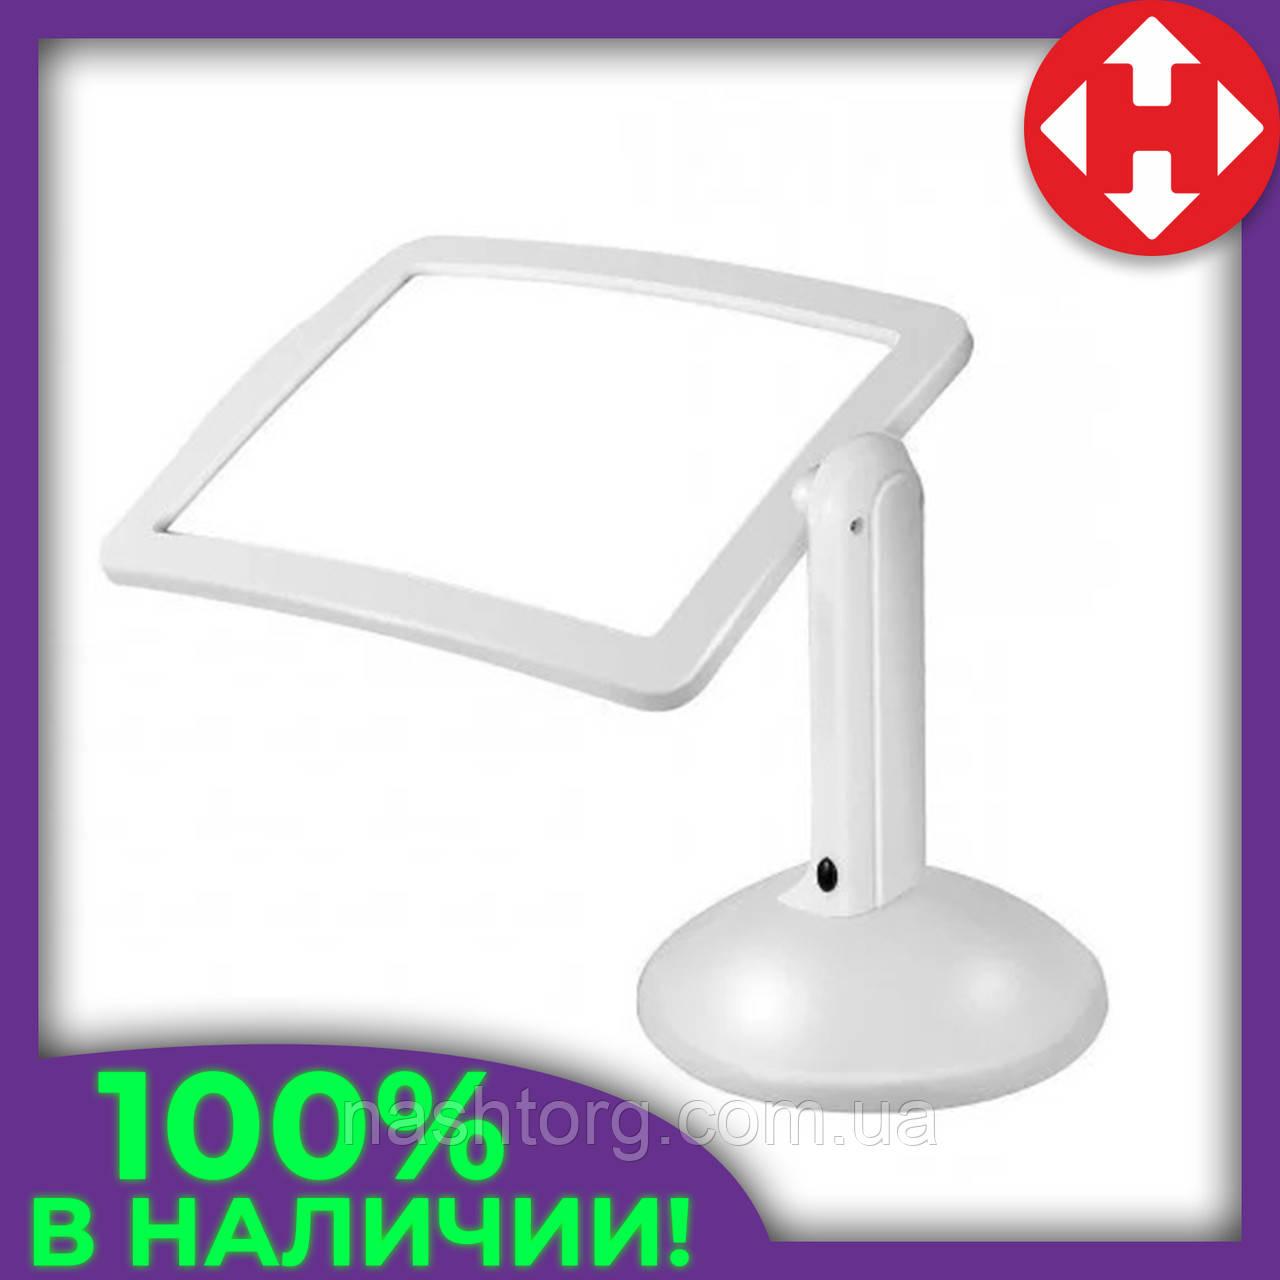 Увеличительная лупа с подсветкой на штативе, Brighter Viewer, увеличительное стекло с подсветкой